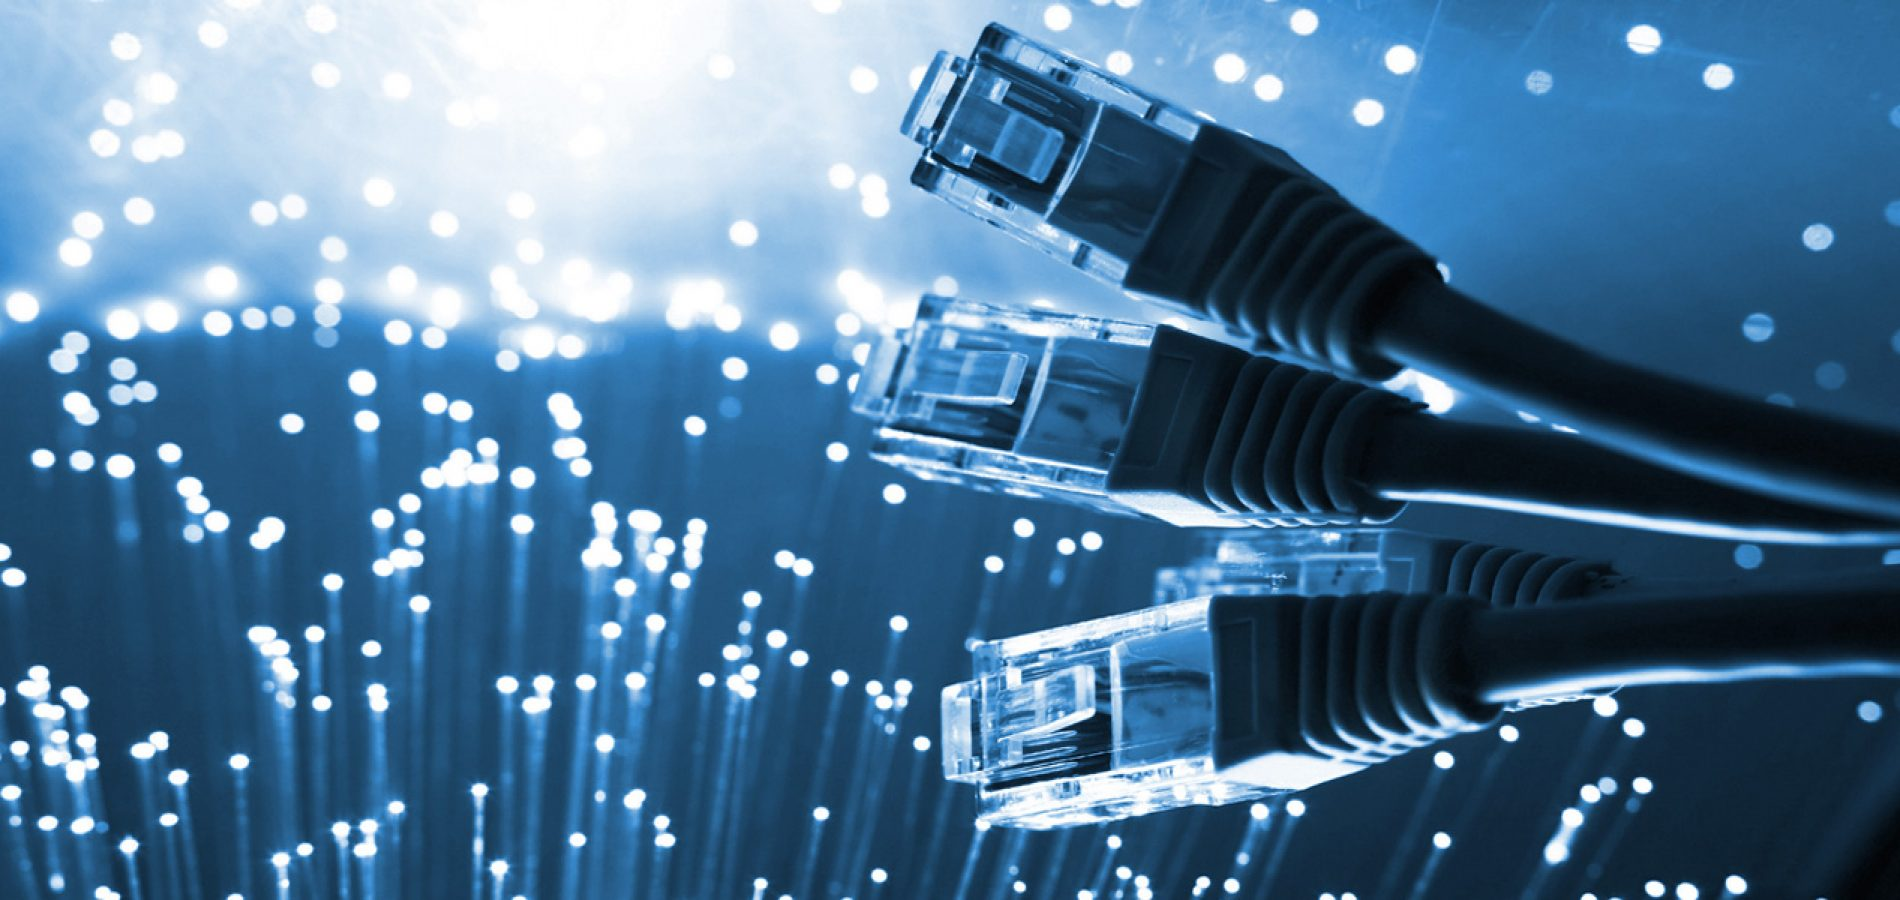 Rede de alta velocidade conecta universidades na Paraíba, Pernambuco e Rio Grande do Norte